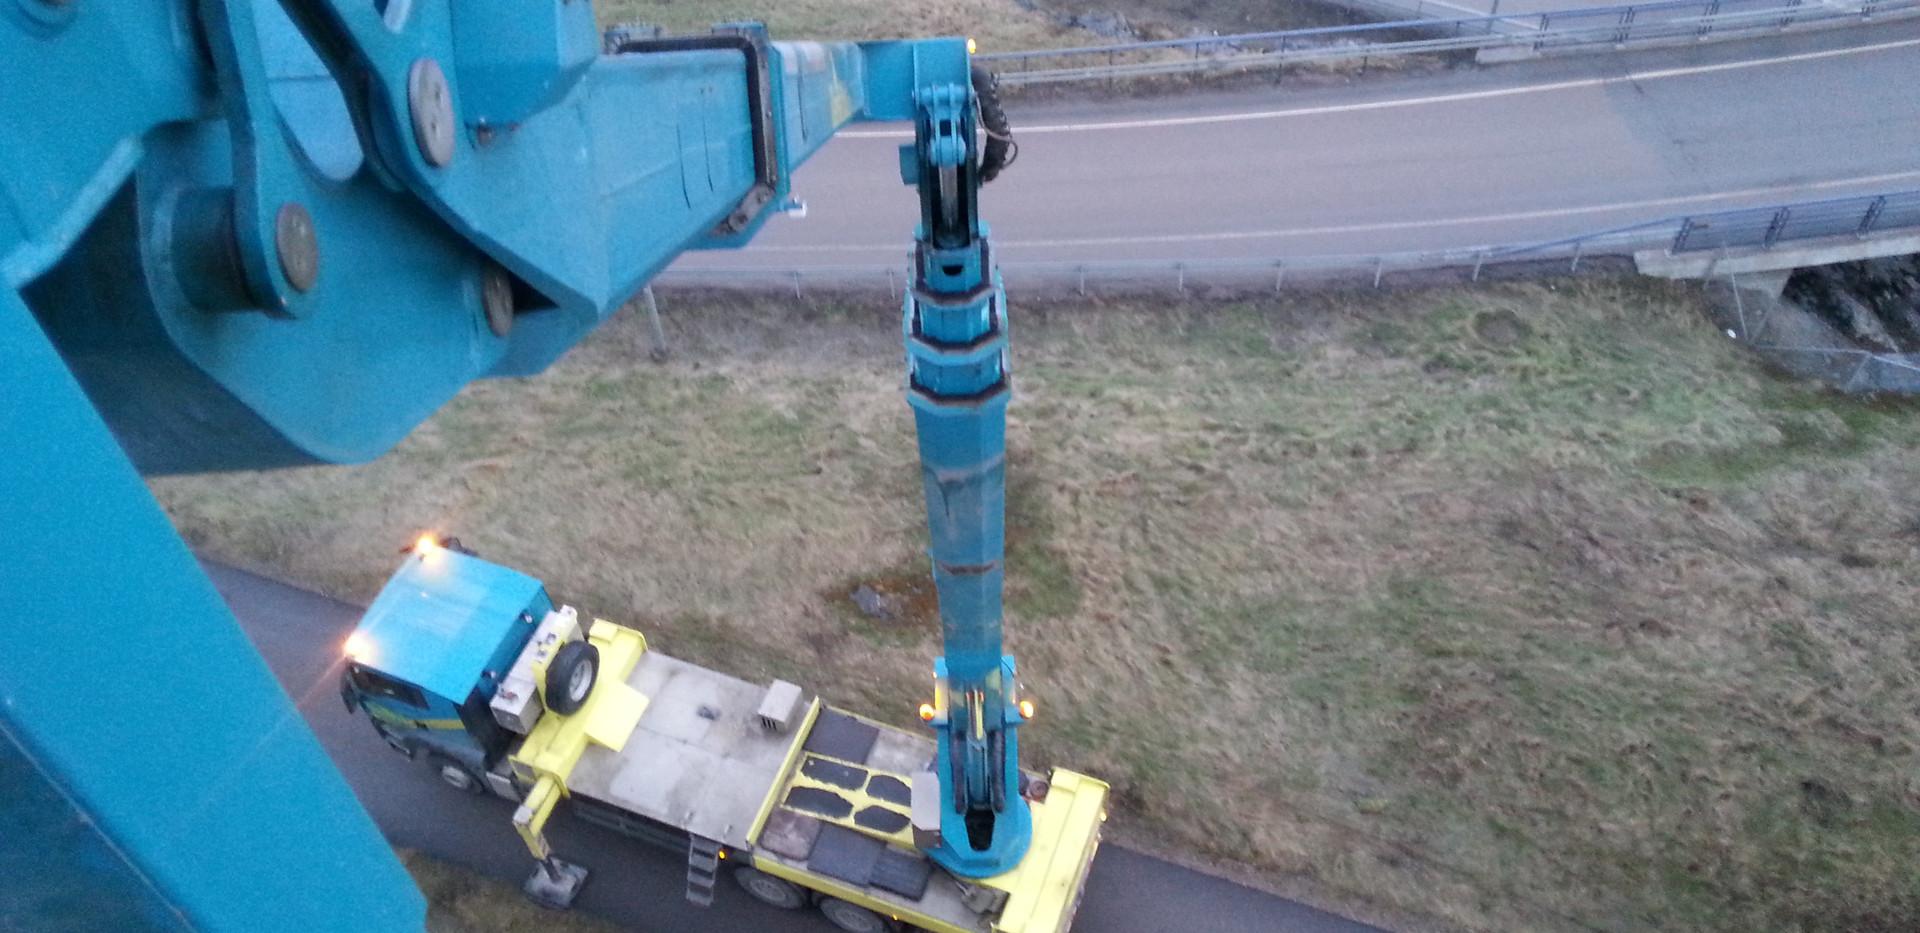 Wumag WT 530, mäenpääyhtiot.com